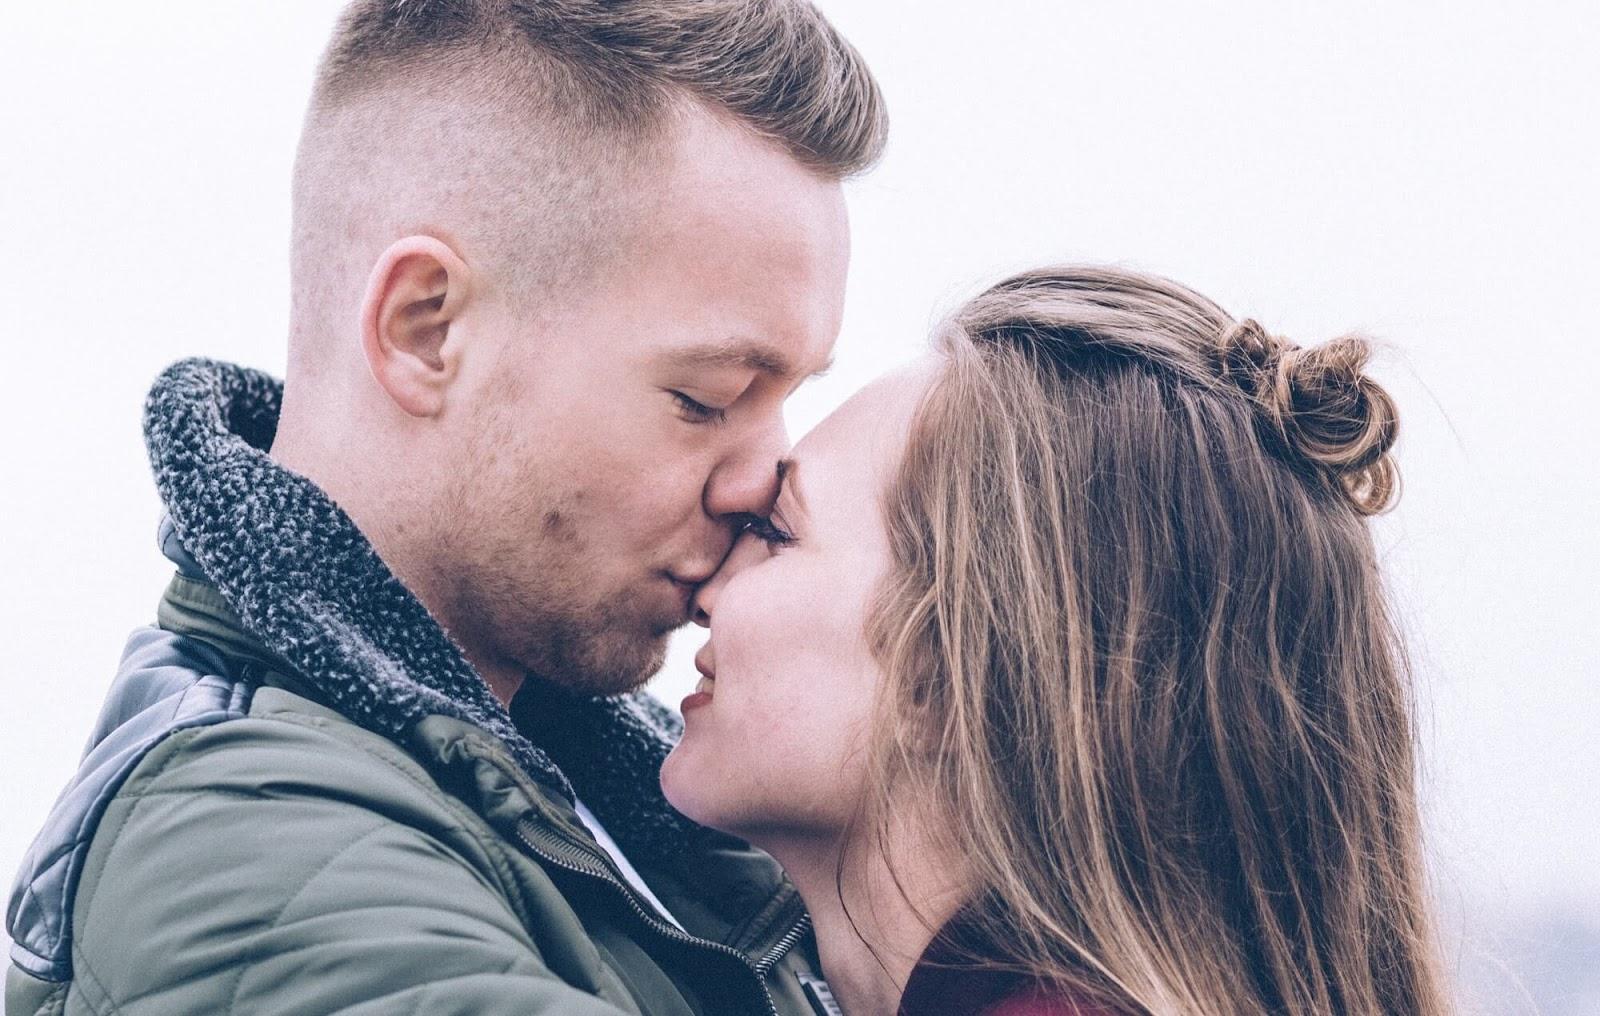 Cardiff homo dating ensimmäinen viesti lähettää kaveri online dating